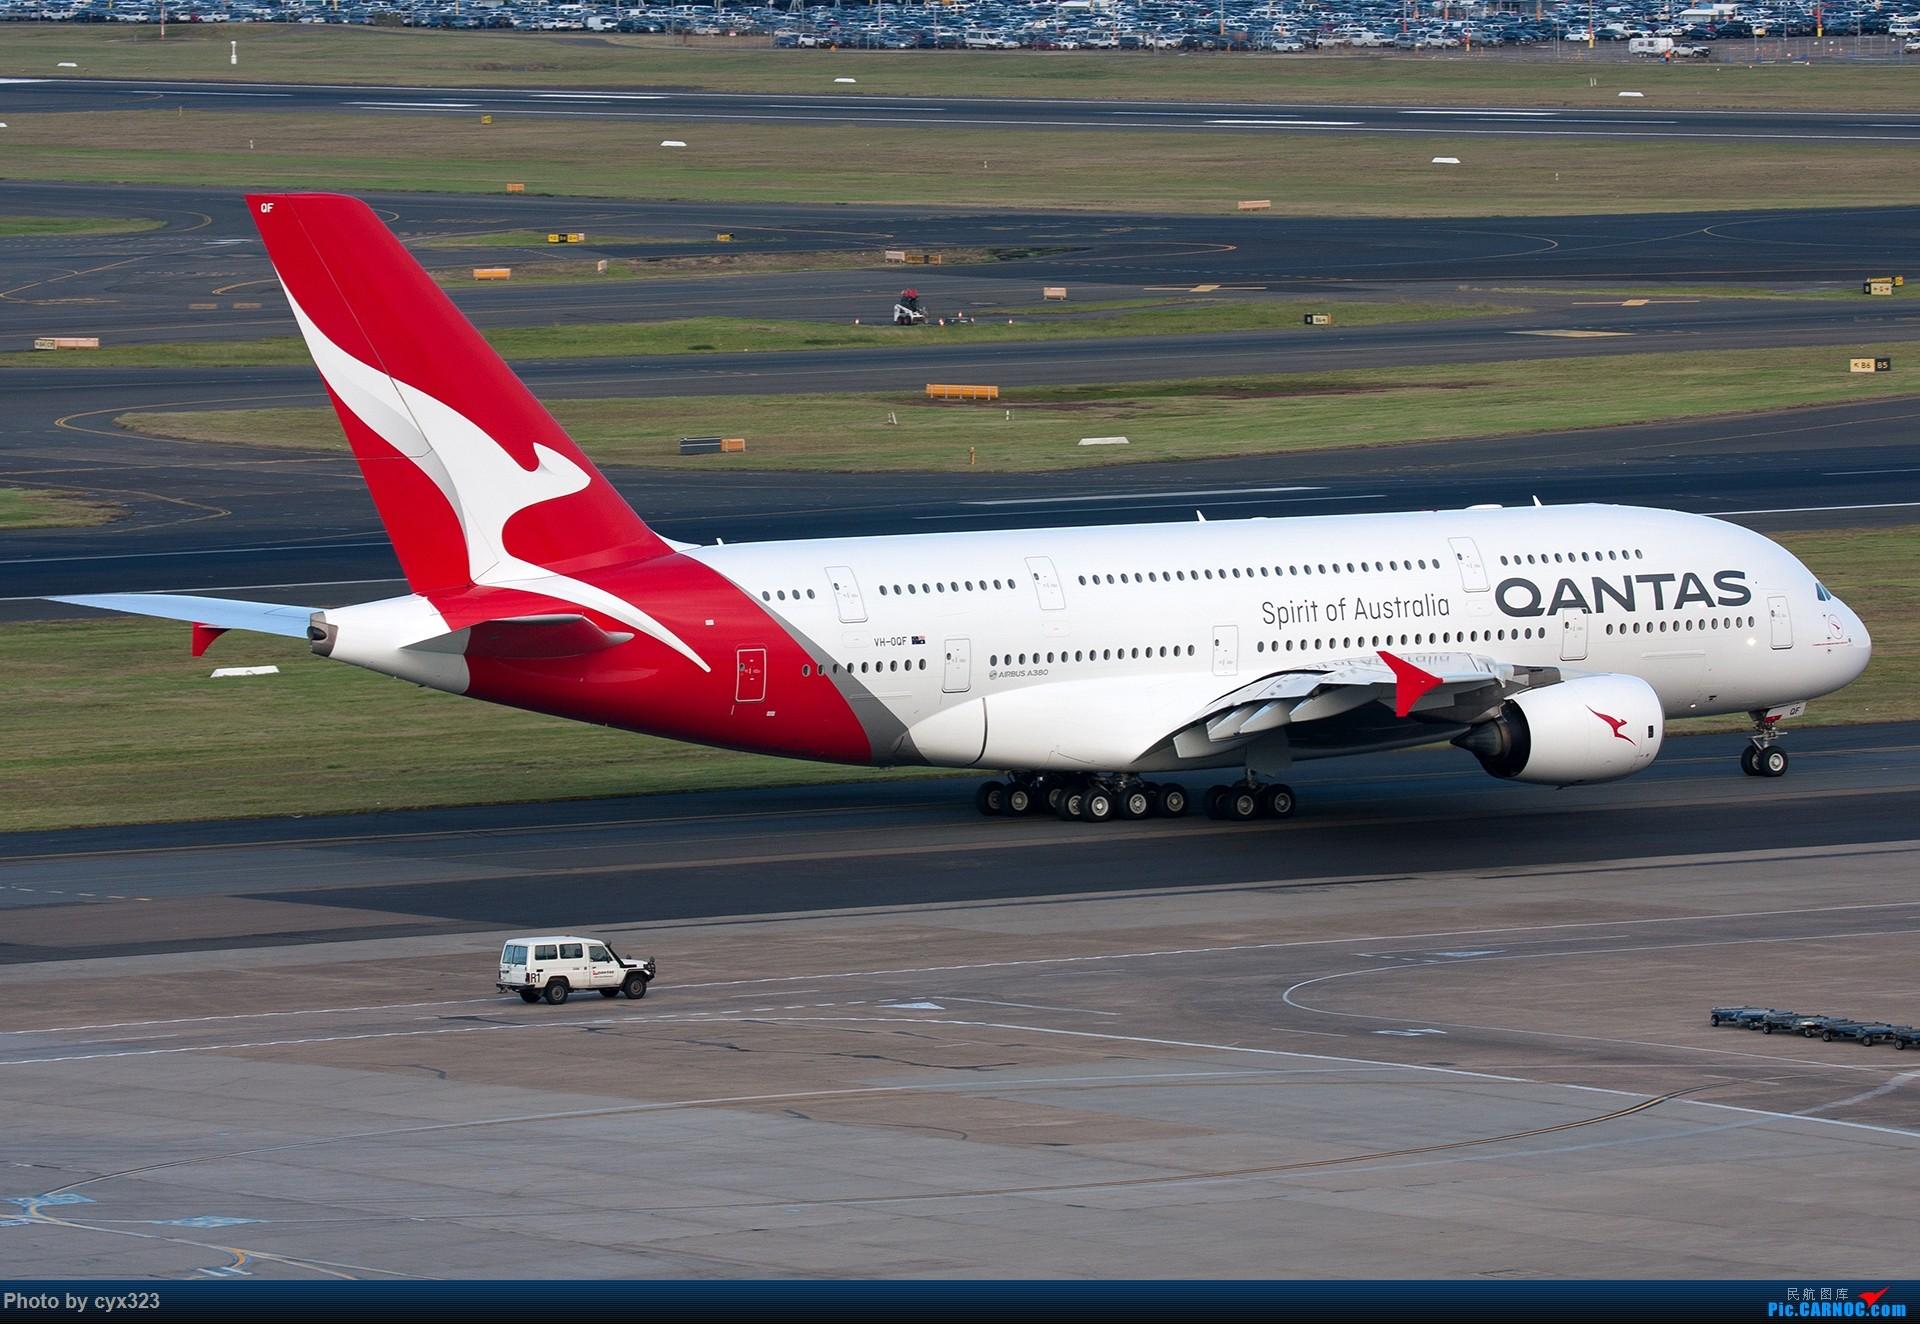 [原创]Qantas新涂装A380 [1920px] AIRBUS A380-800 VH-OQF 澳大利亚悉尼金斯福德·史密斯机场